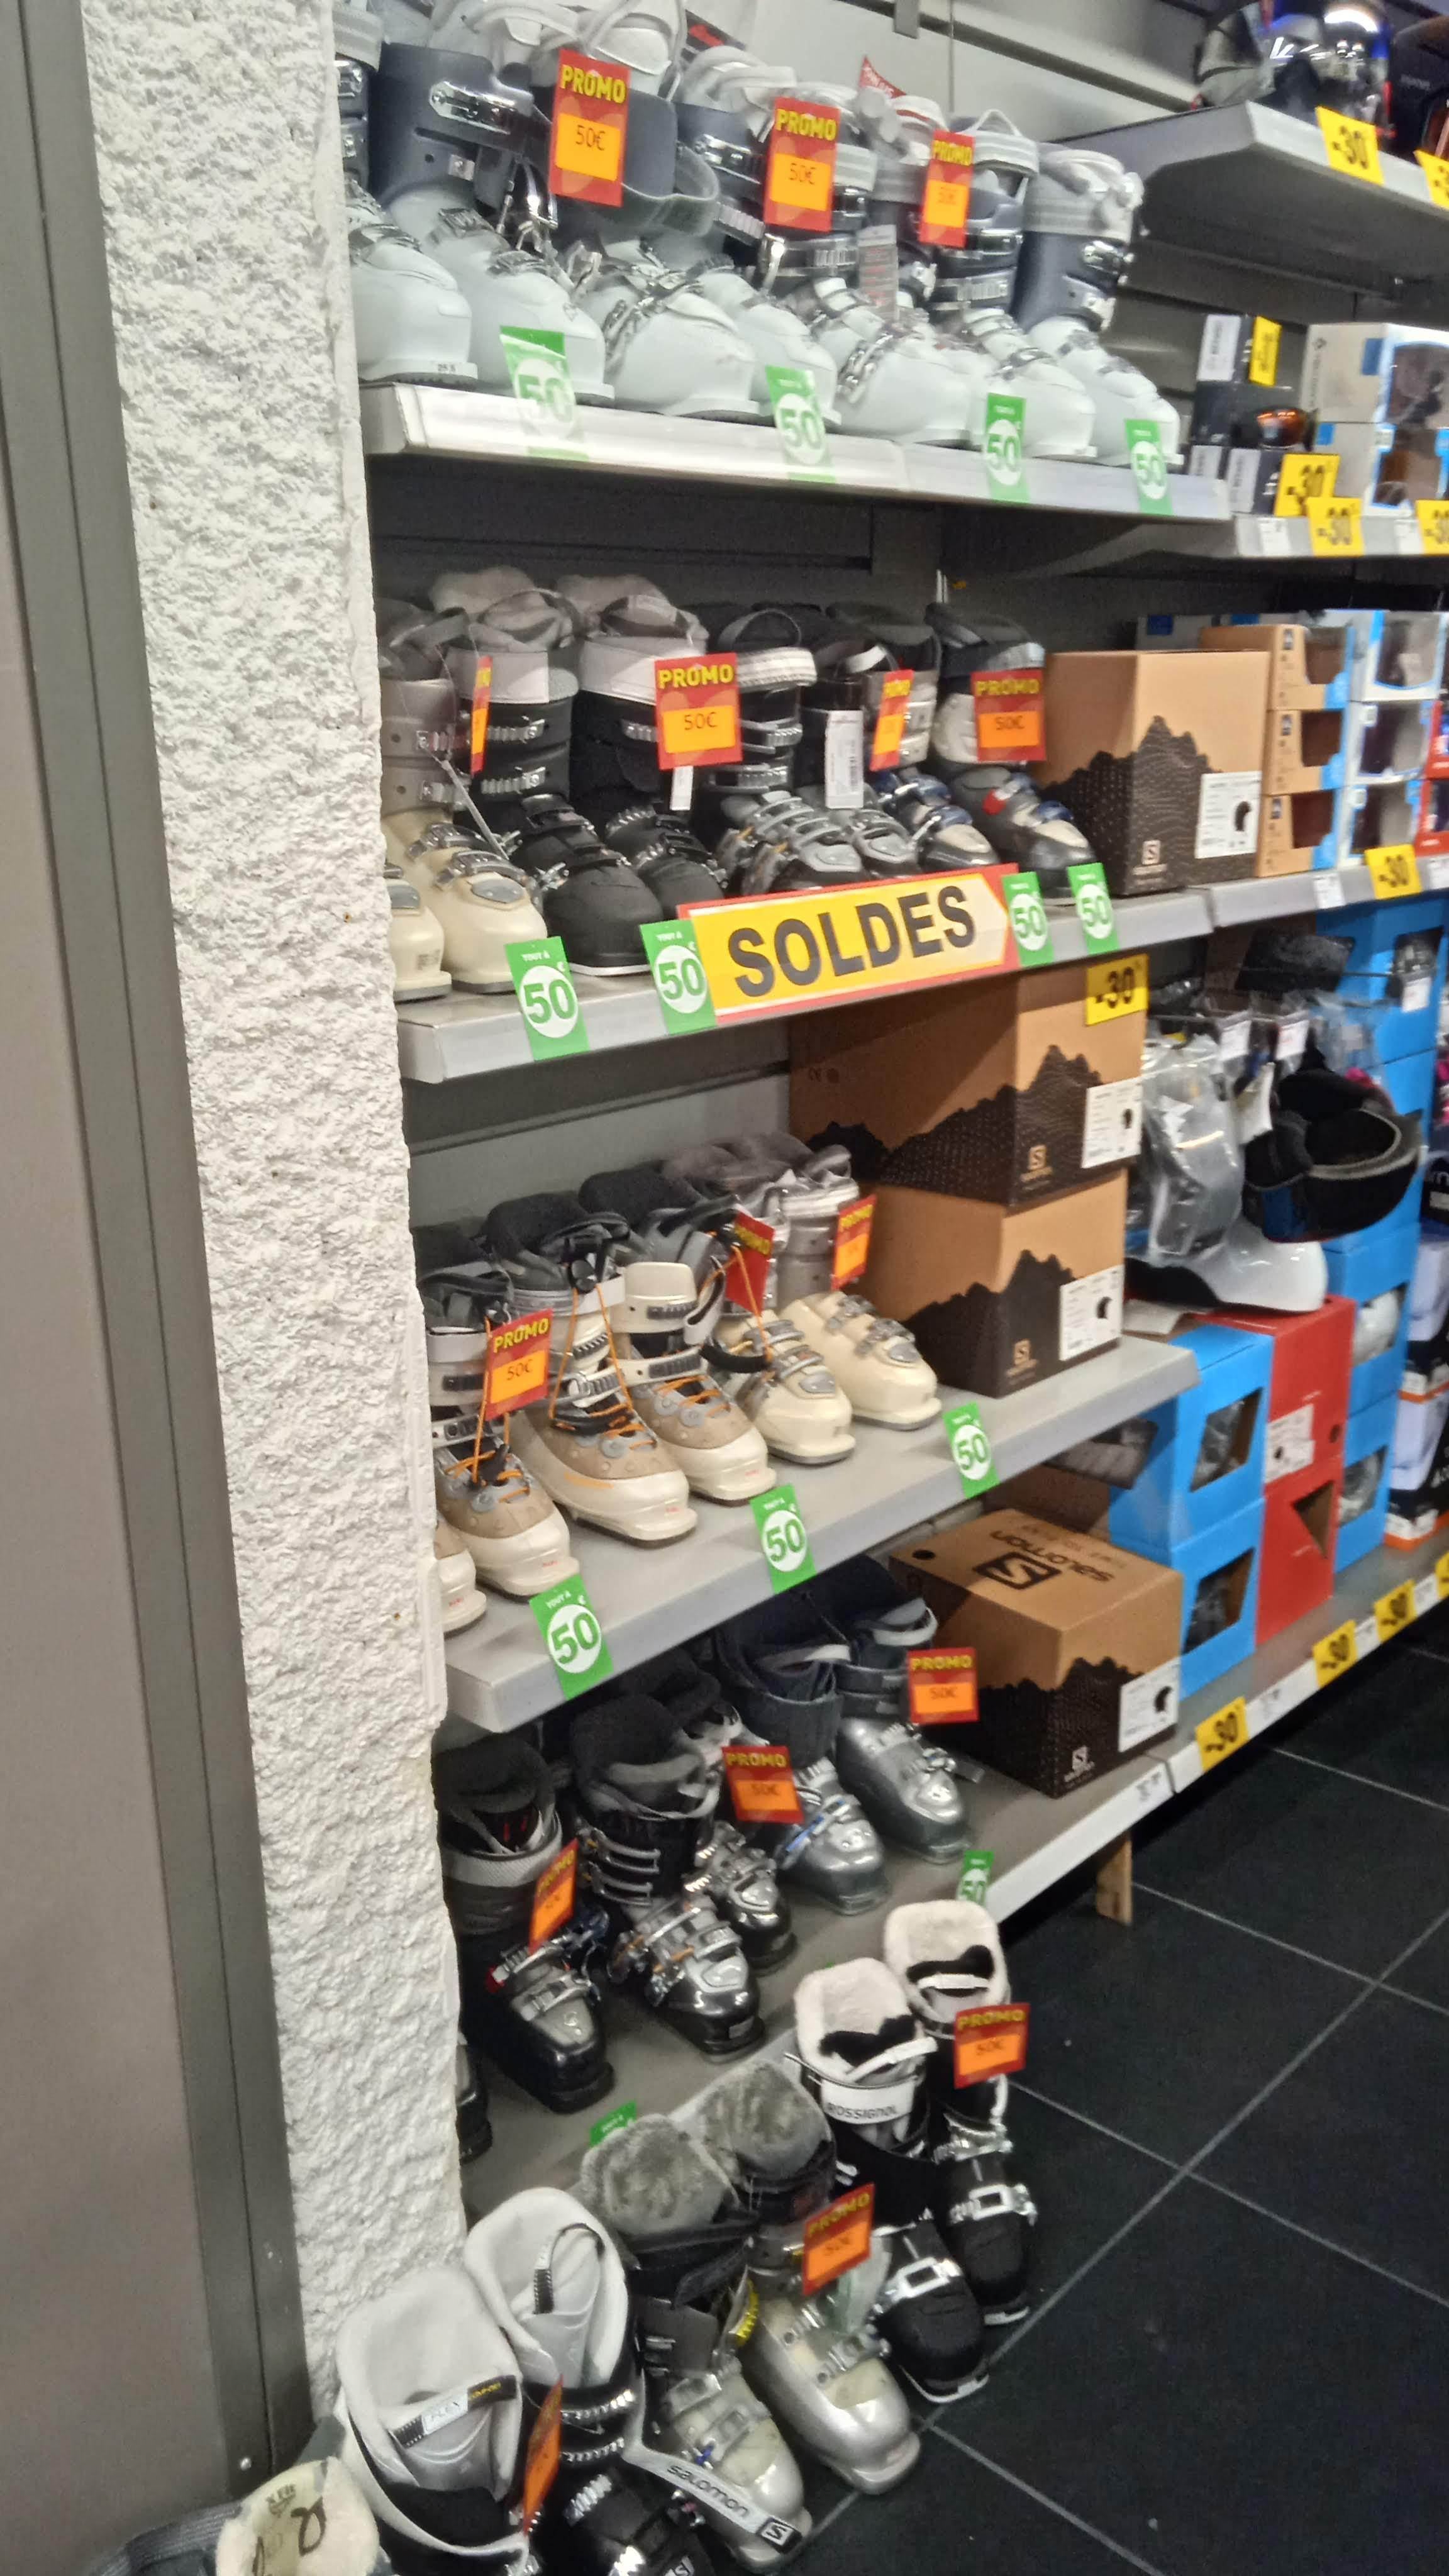 Déstockage de chaussures de ski - Intersport St-Jean-D'angély (17)